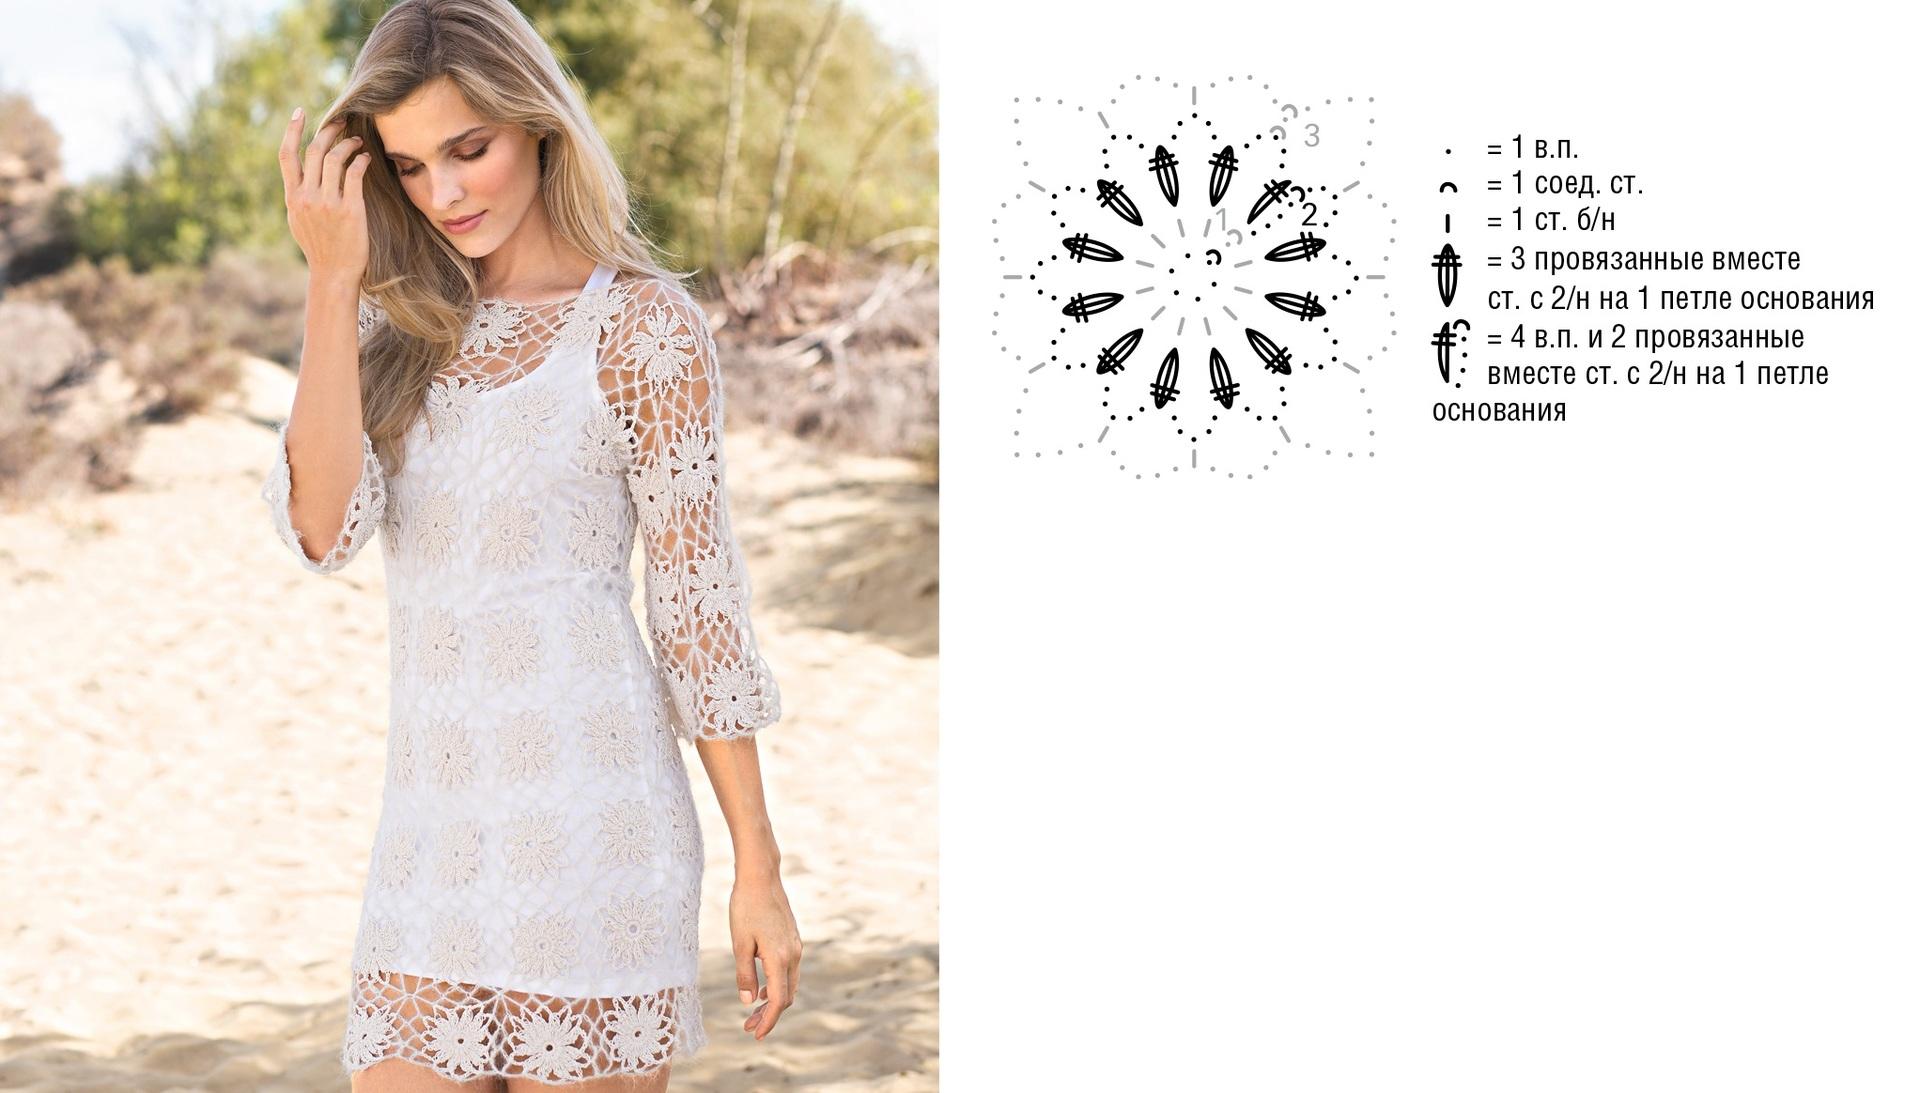 мотивы для вязания платья крючком фото и схемы